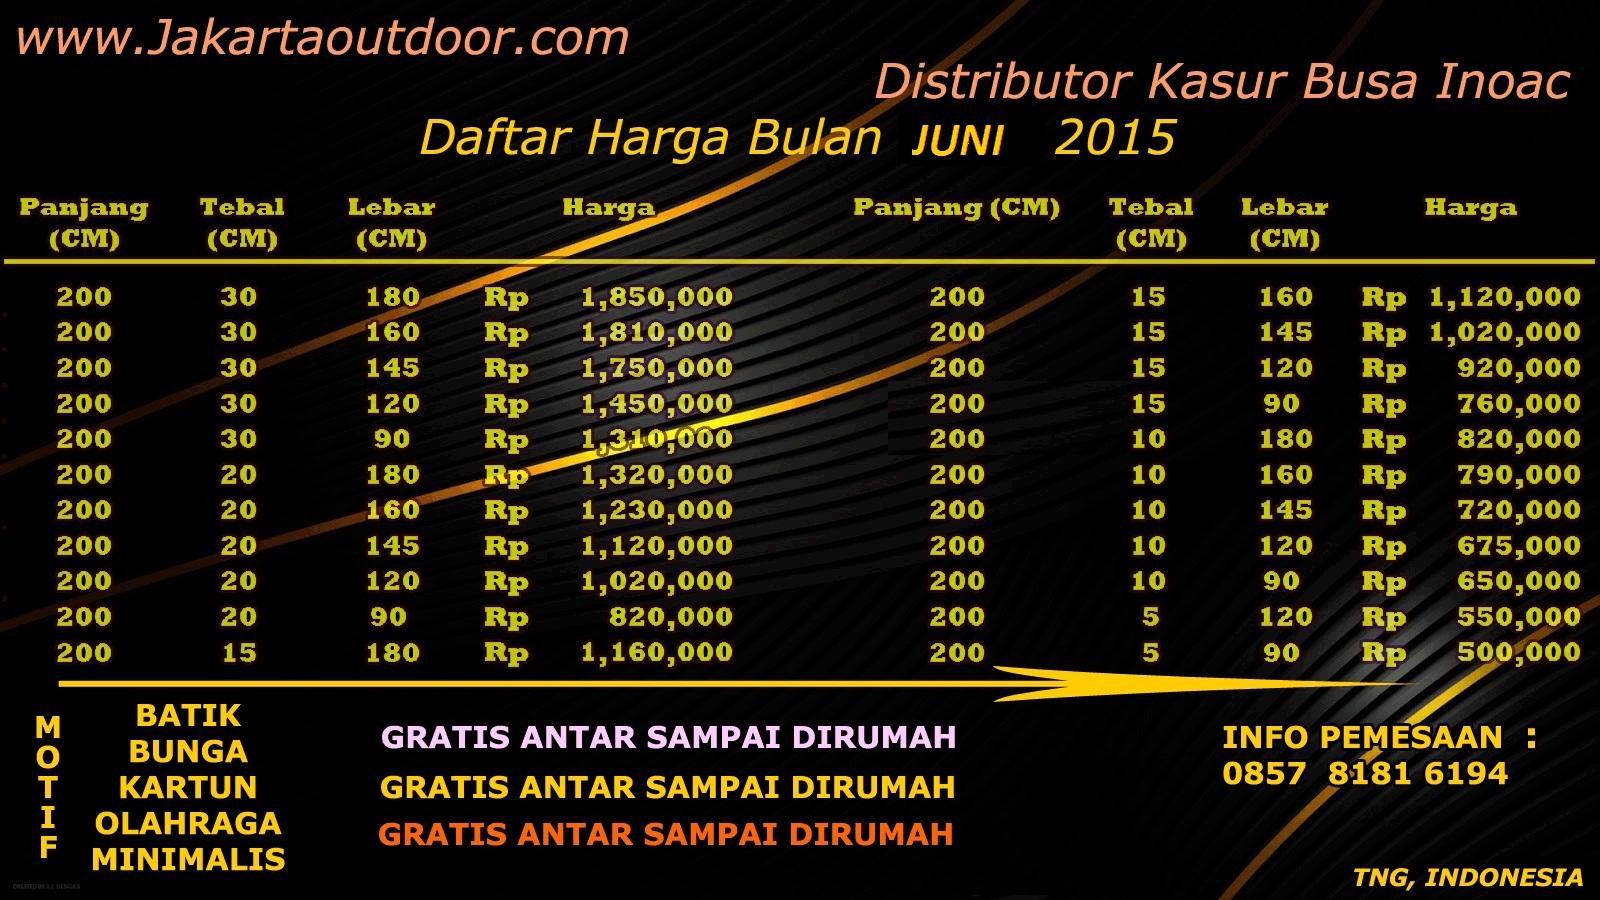 HARGA KASUR BUSA INOAC JAKARTA BULAN JUNI 2015 GRATIS ANTAR KE RUMAH